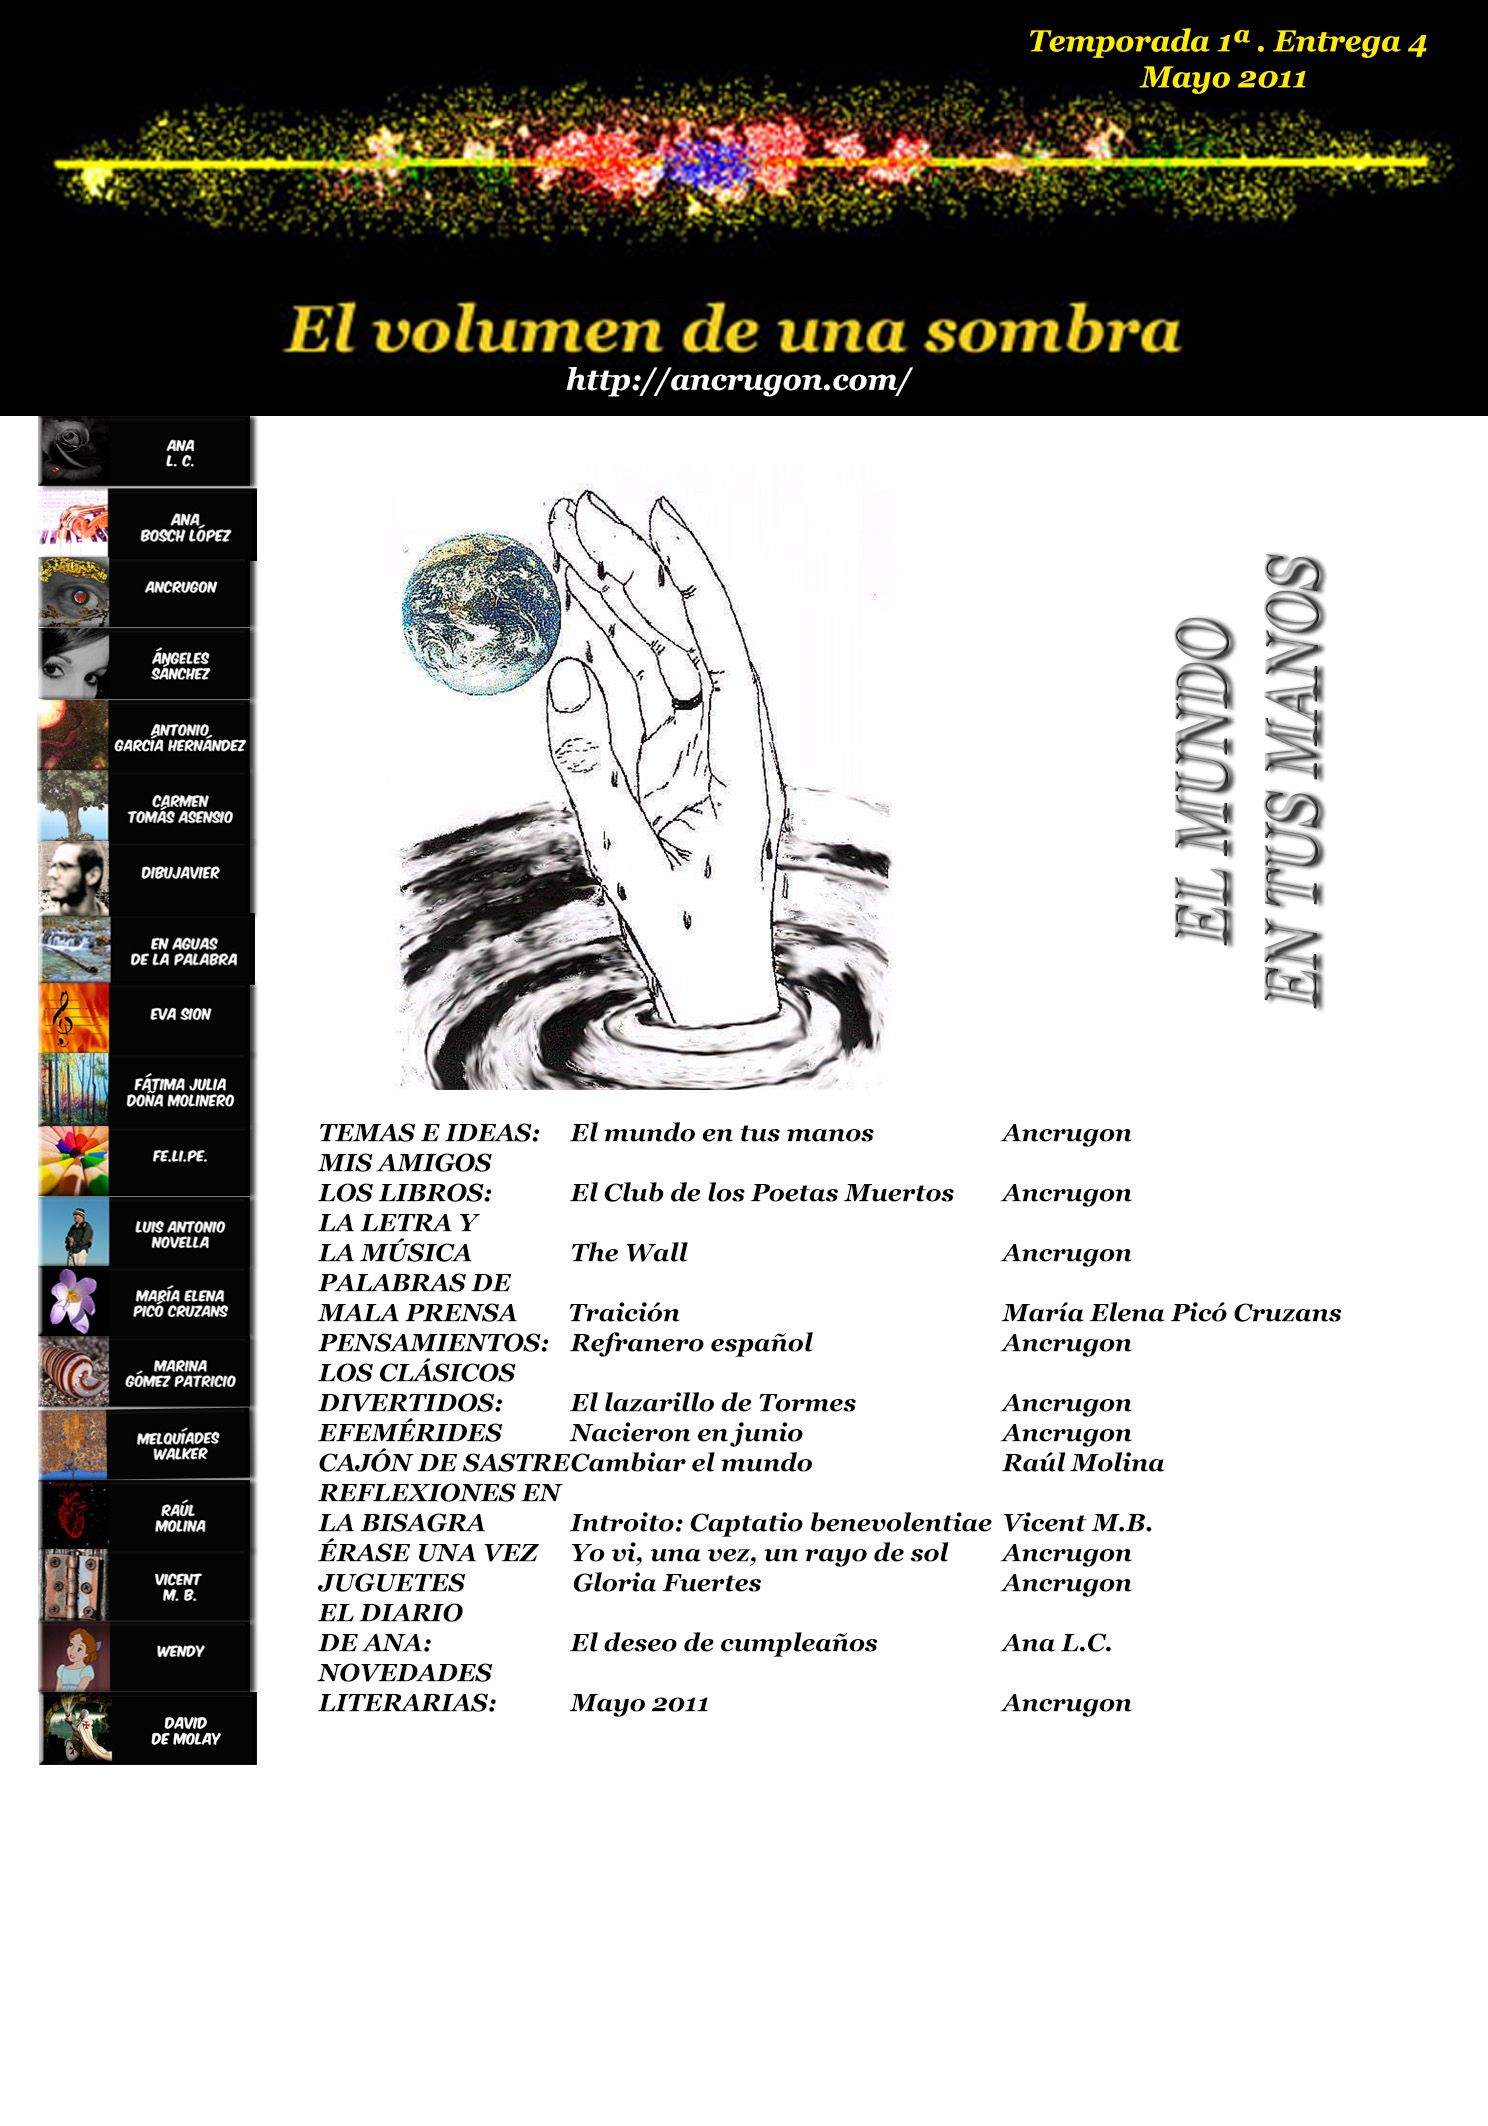 EL MUNDO EN TUS MANOS Nº 4. Temporada 1ª. Mayo 2011